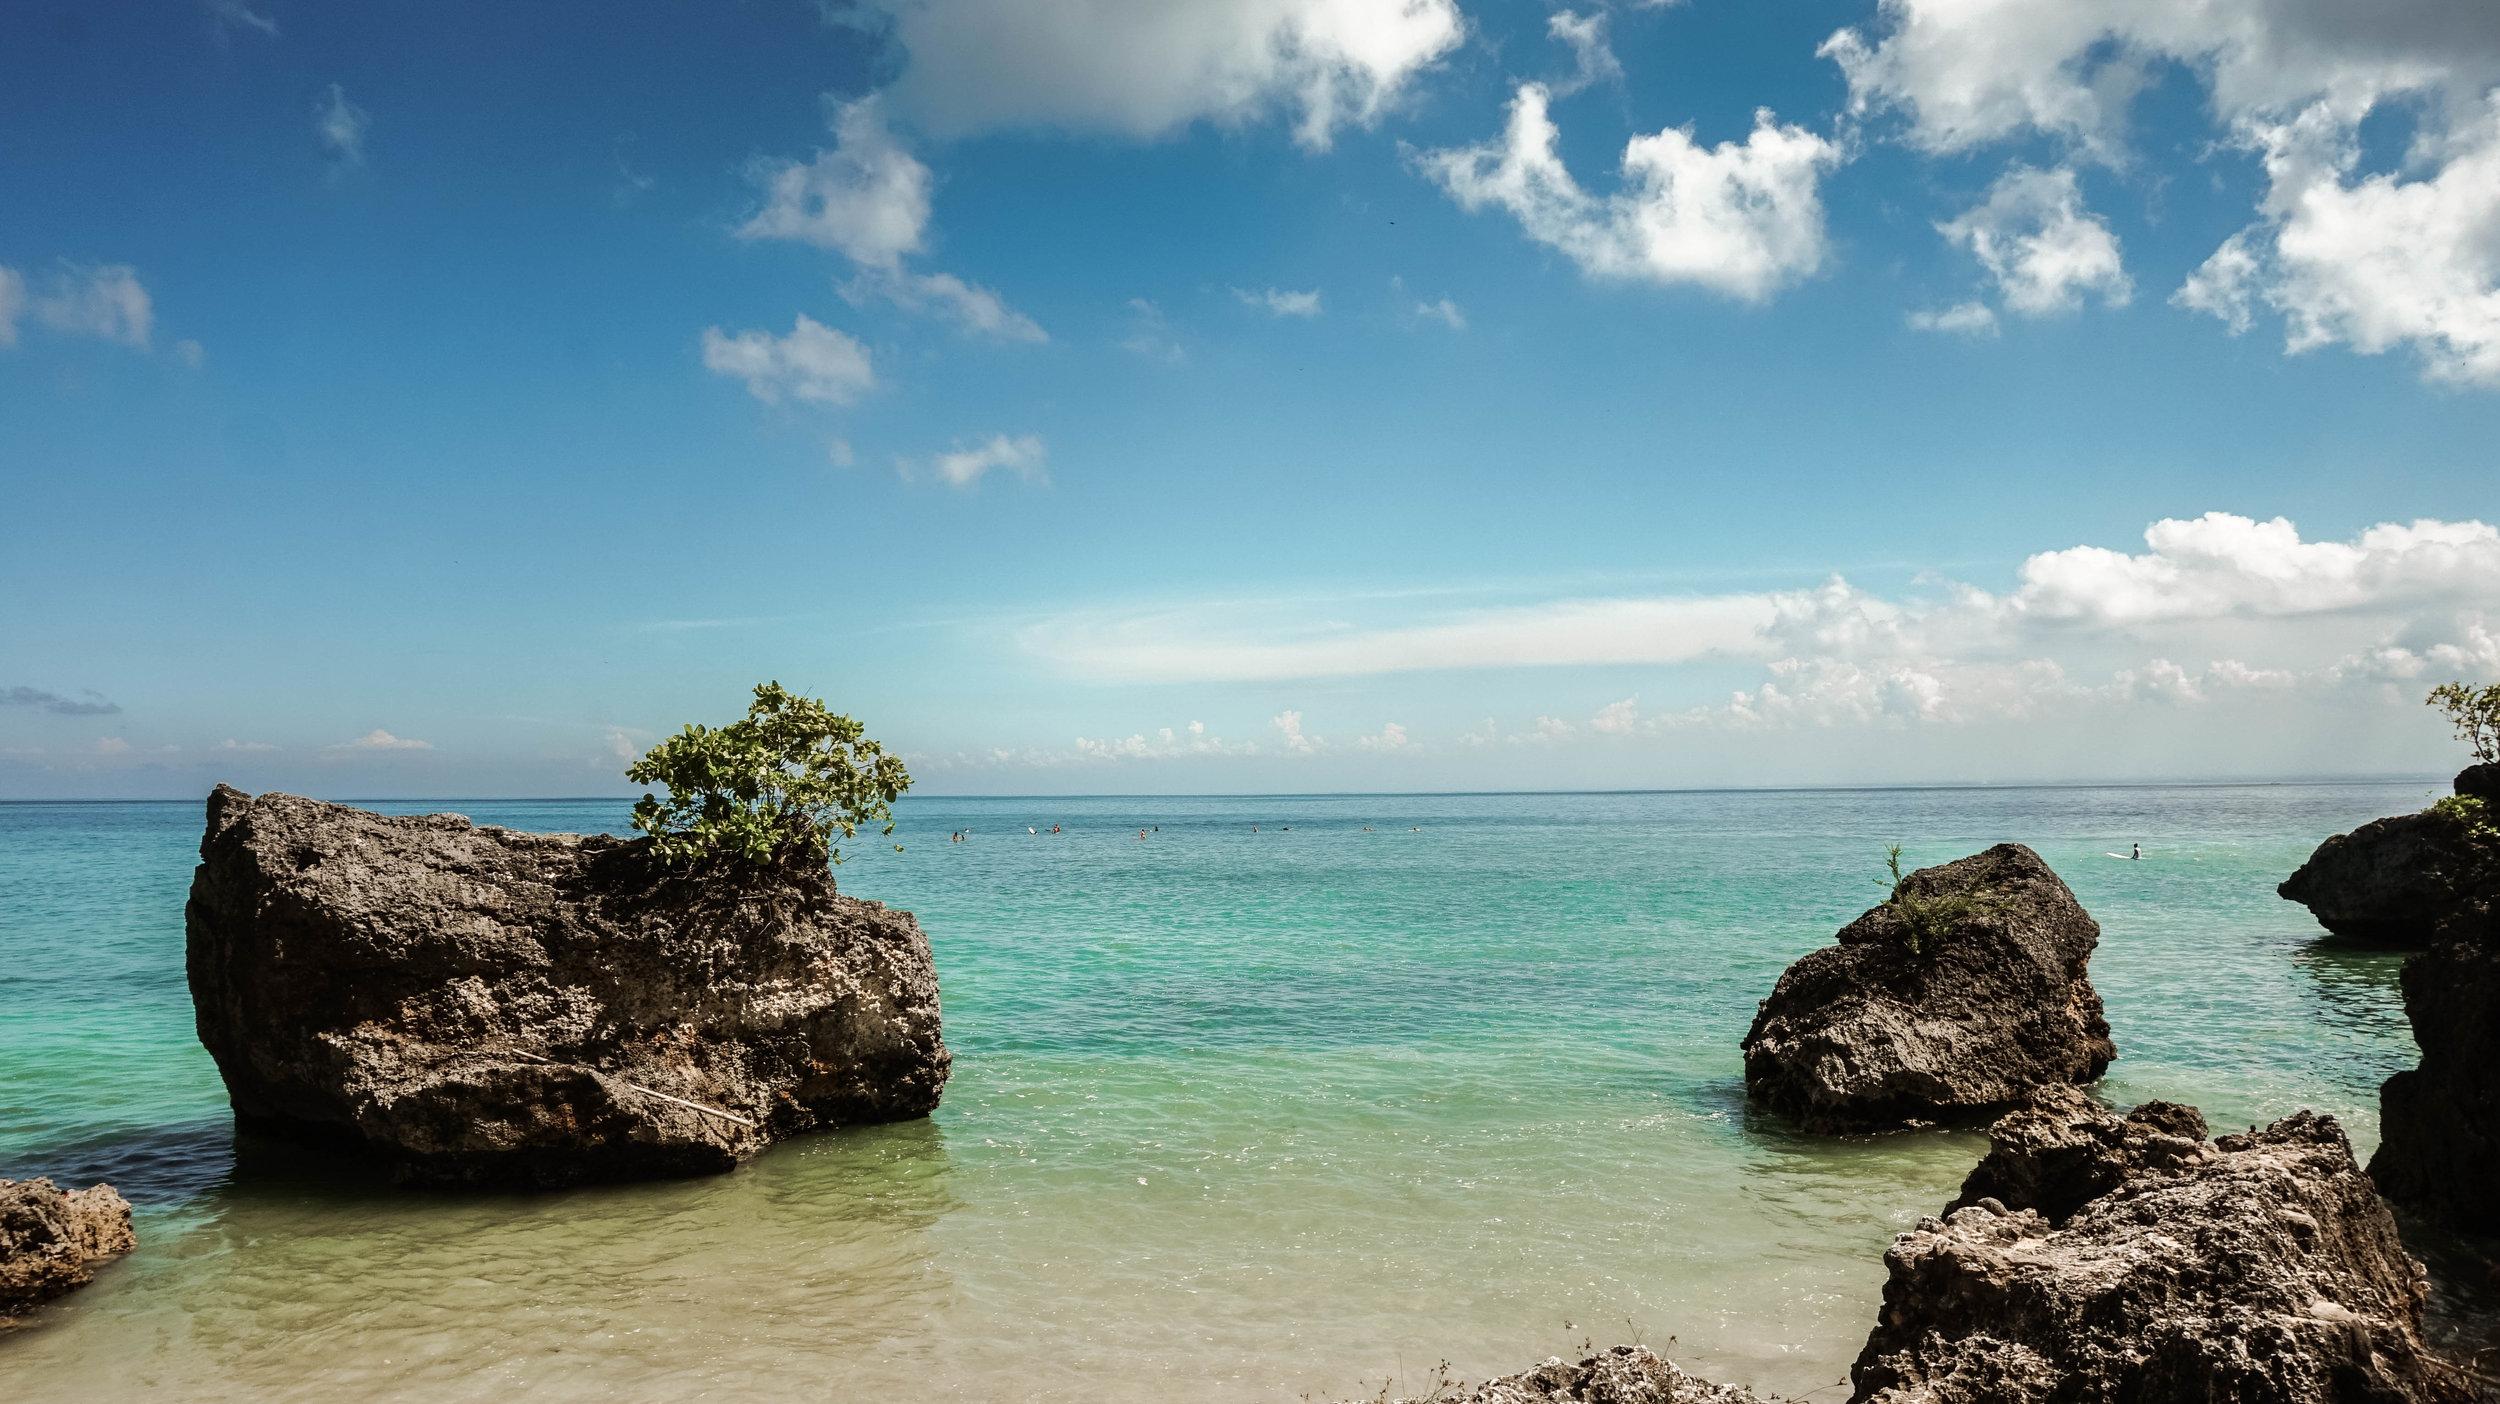 Padang-padang-beach-uluwatu-2018.jpg